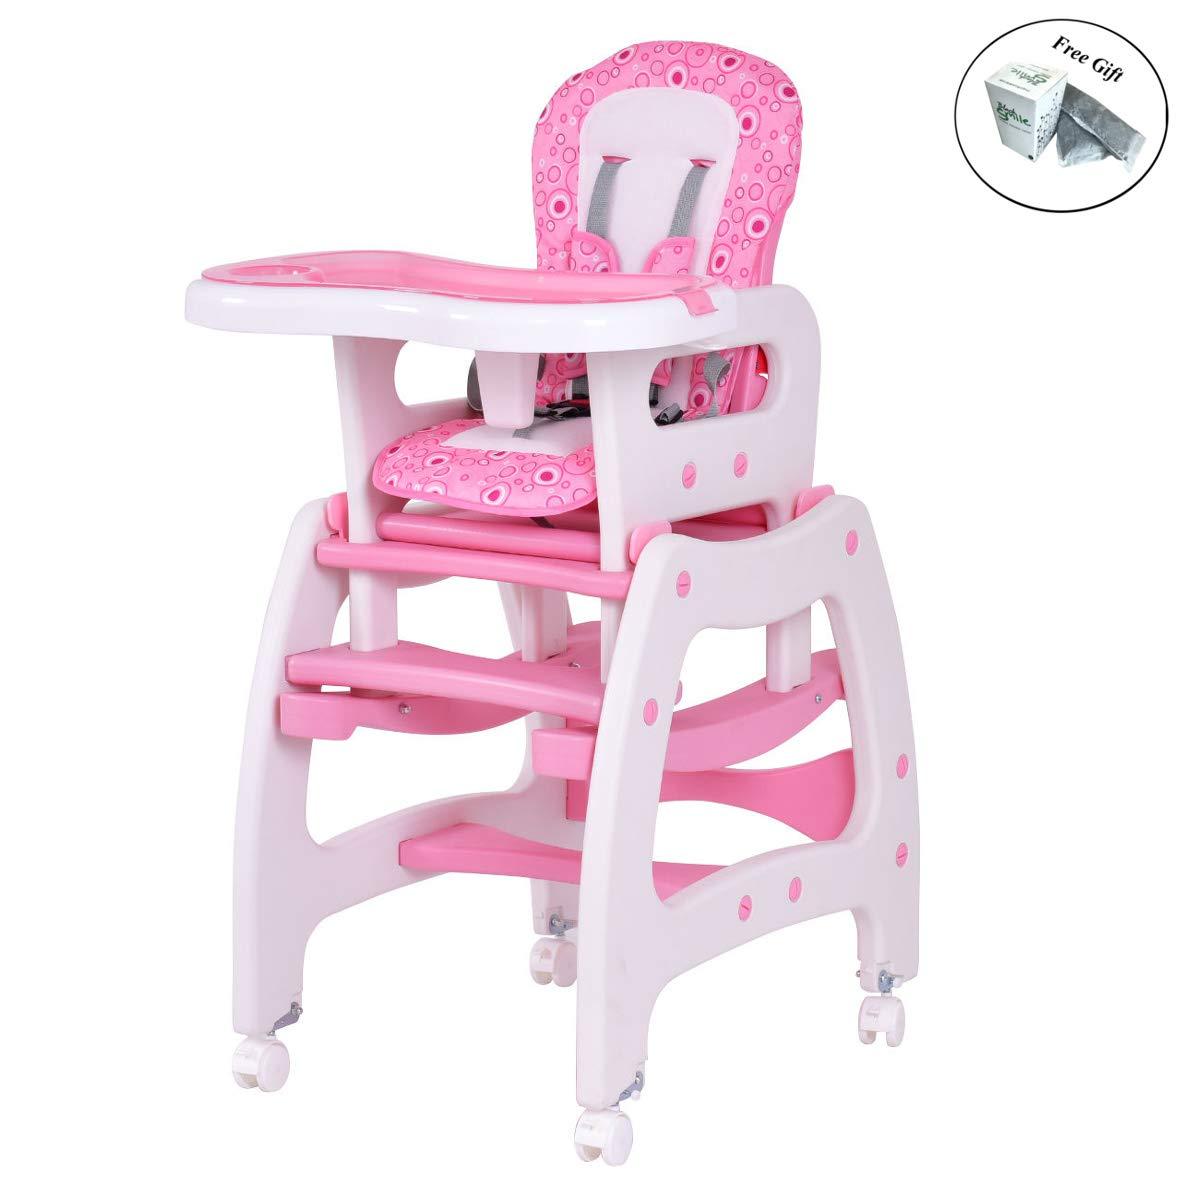 Silla de beb/é de Madera 3 en 1 Juego de sillas de Mesa Convertibles Soporta 65 kg arn/és de 3 Puntos Color : Style 1 Trona Bebe Asiento Elevador con Bandeja de alimentaci/ón extra/íble